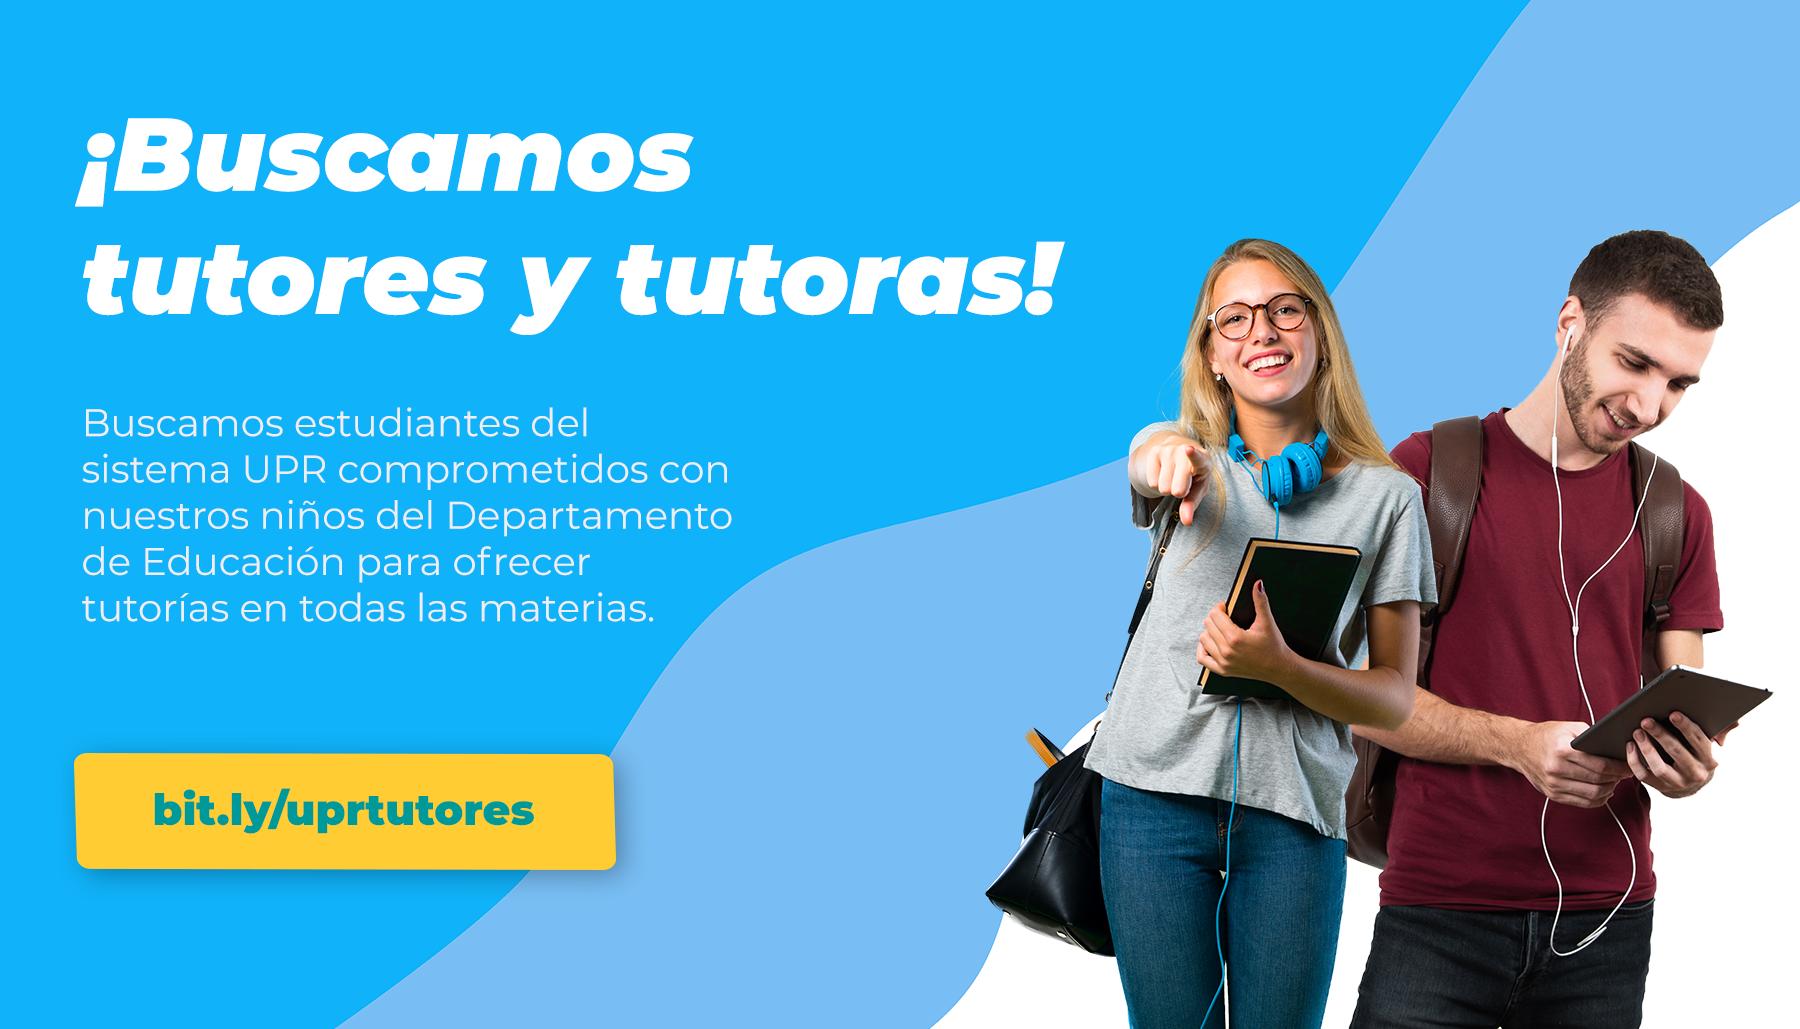 ¡Buscamos tutores y tutoras! Completa el formulario en https://bit.ly/uprtutores para contactarte